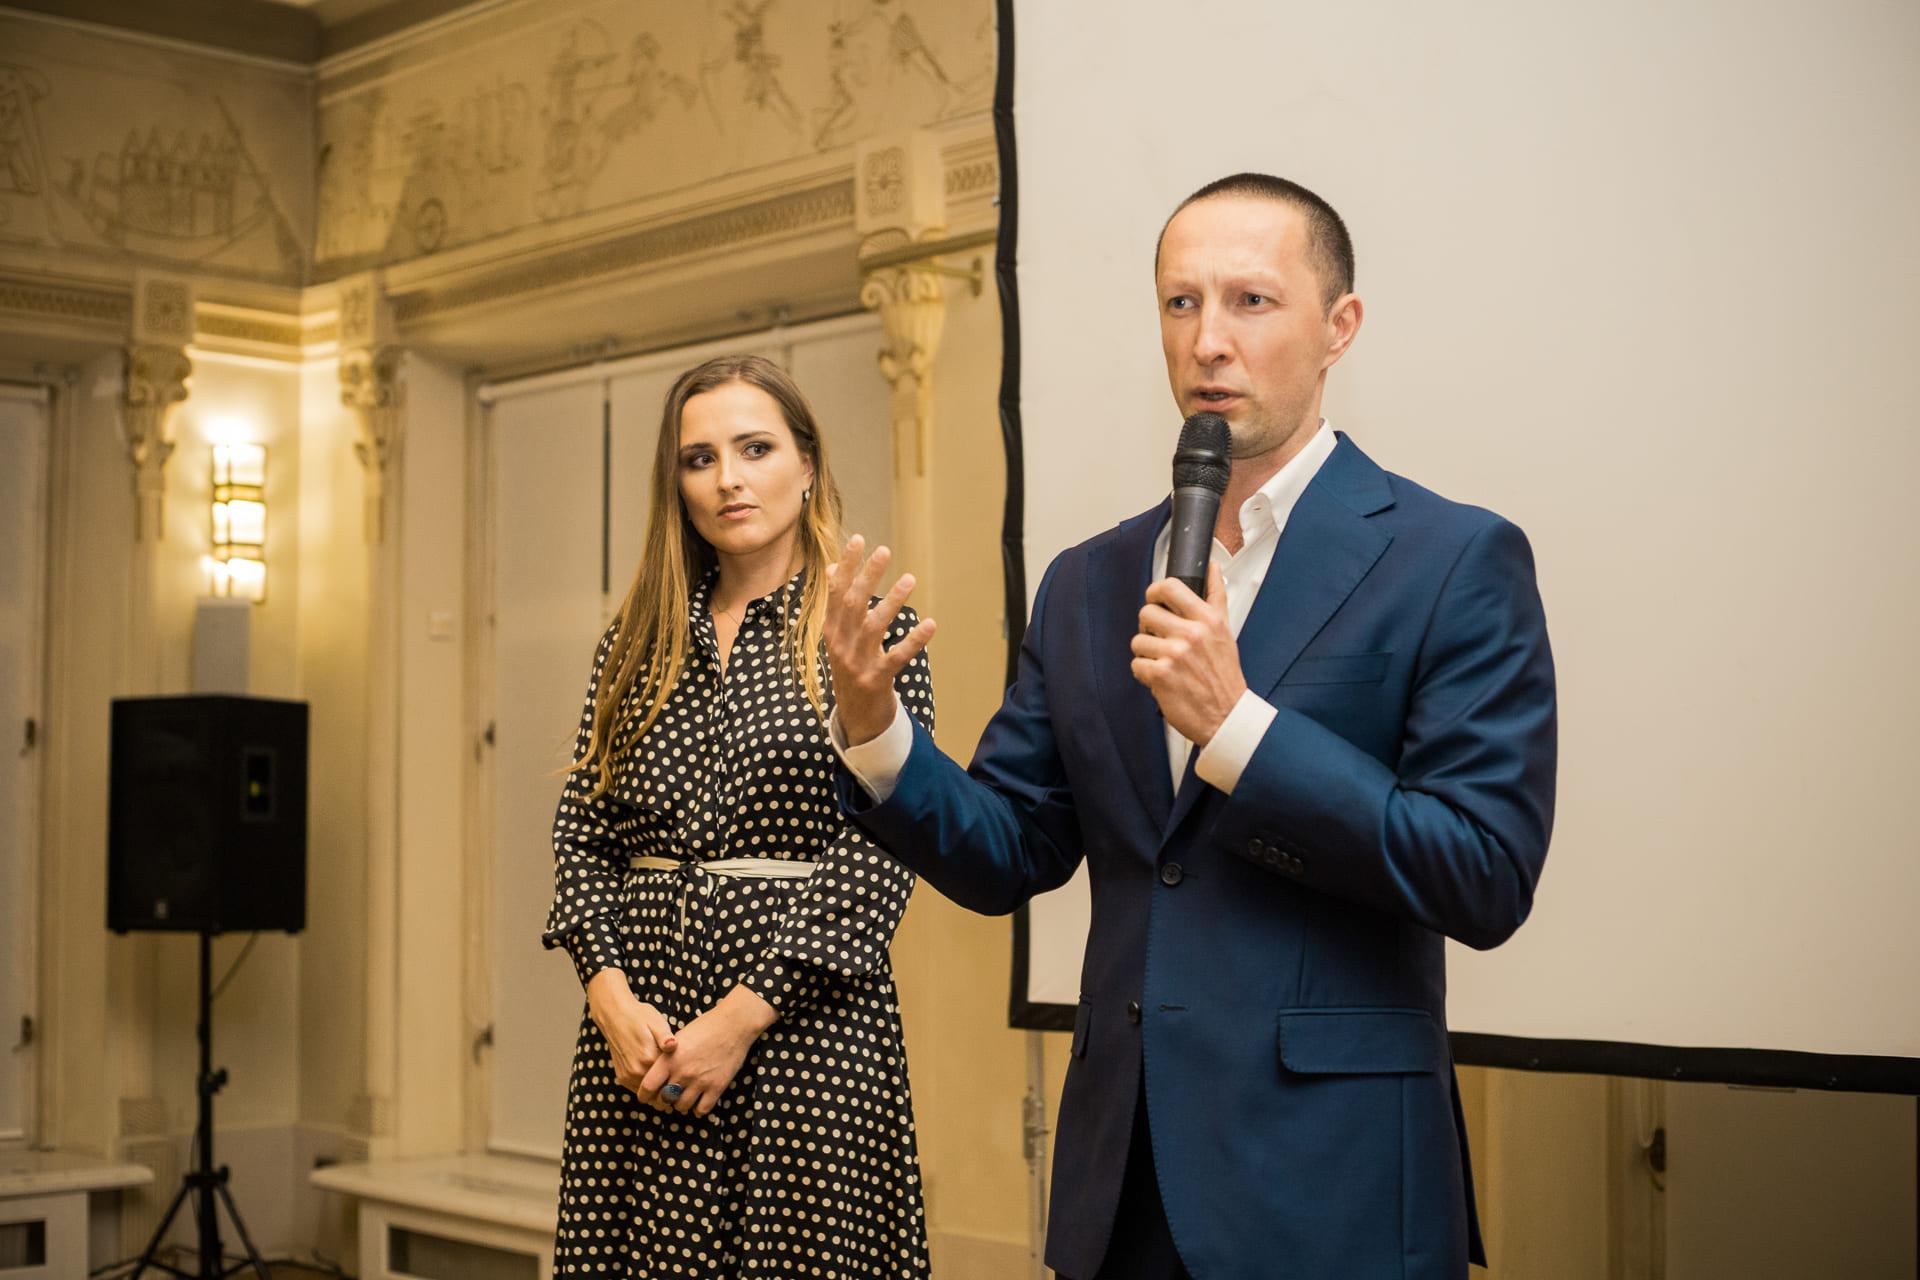 Вадим Лобов и Елизавета Фролова на открытии Synergy Art Academy